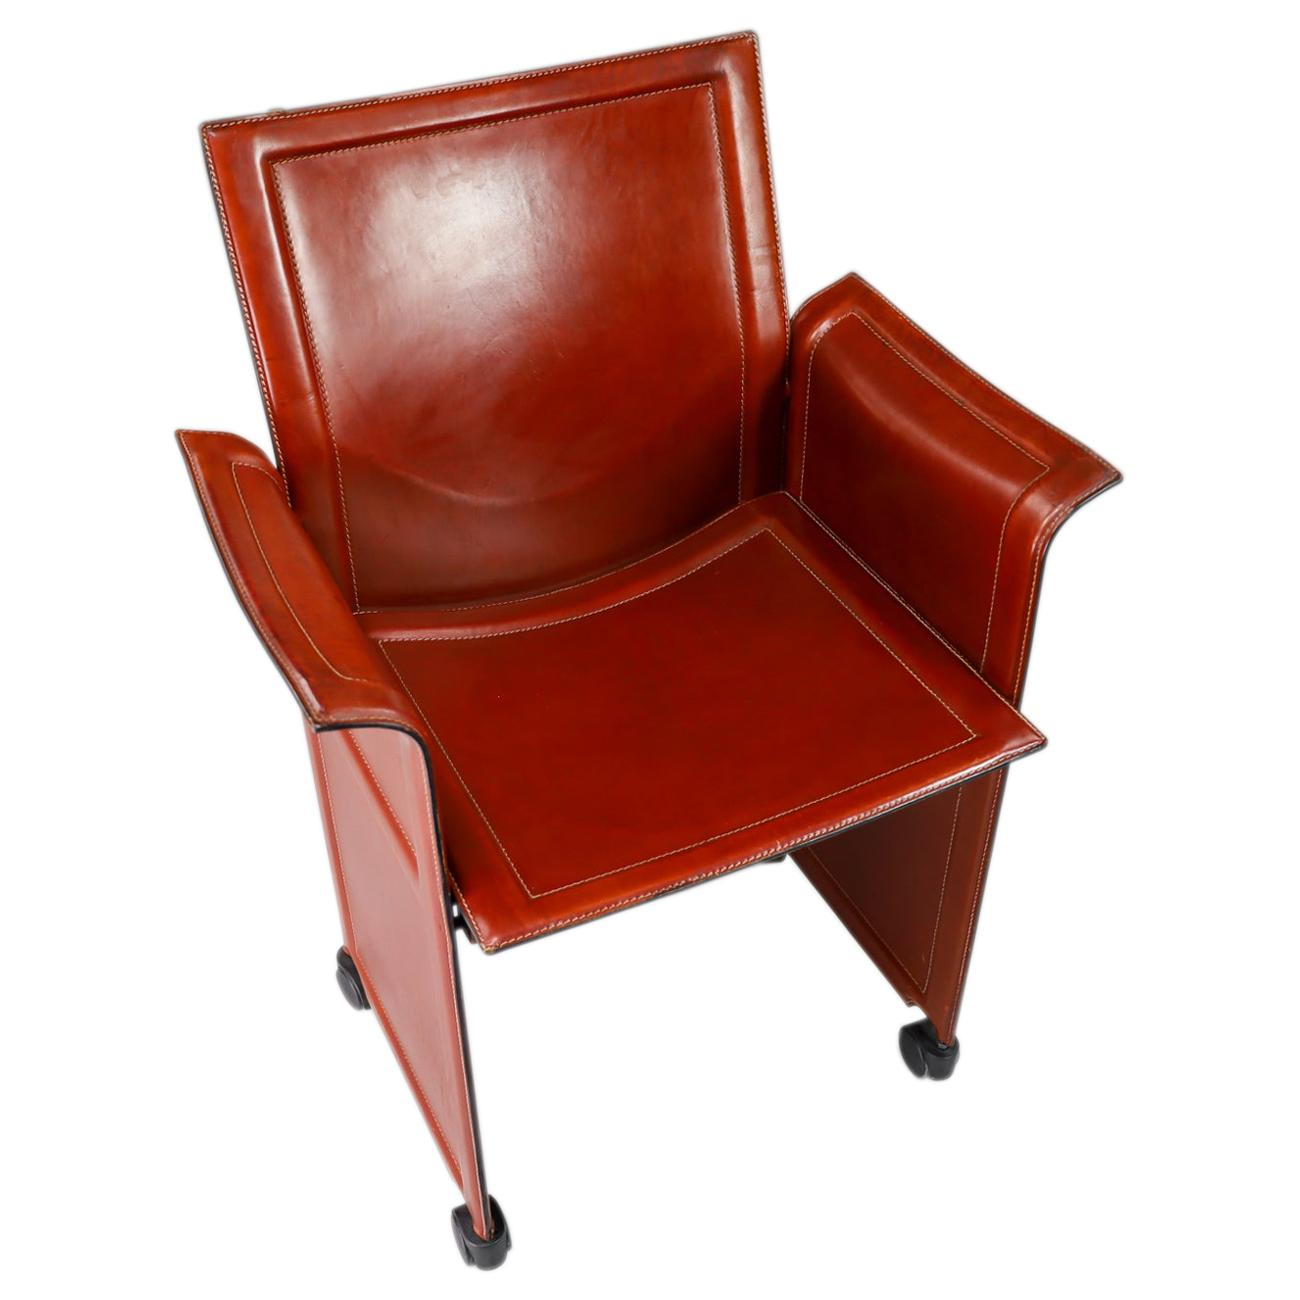 """Tito Agnoli for Matteo Grassi """"Korium"""" Cognac Leather Armchairs, 1970s"""